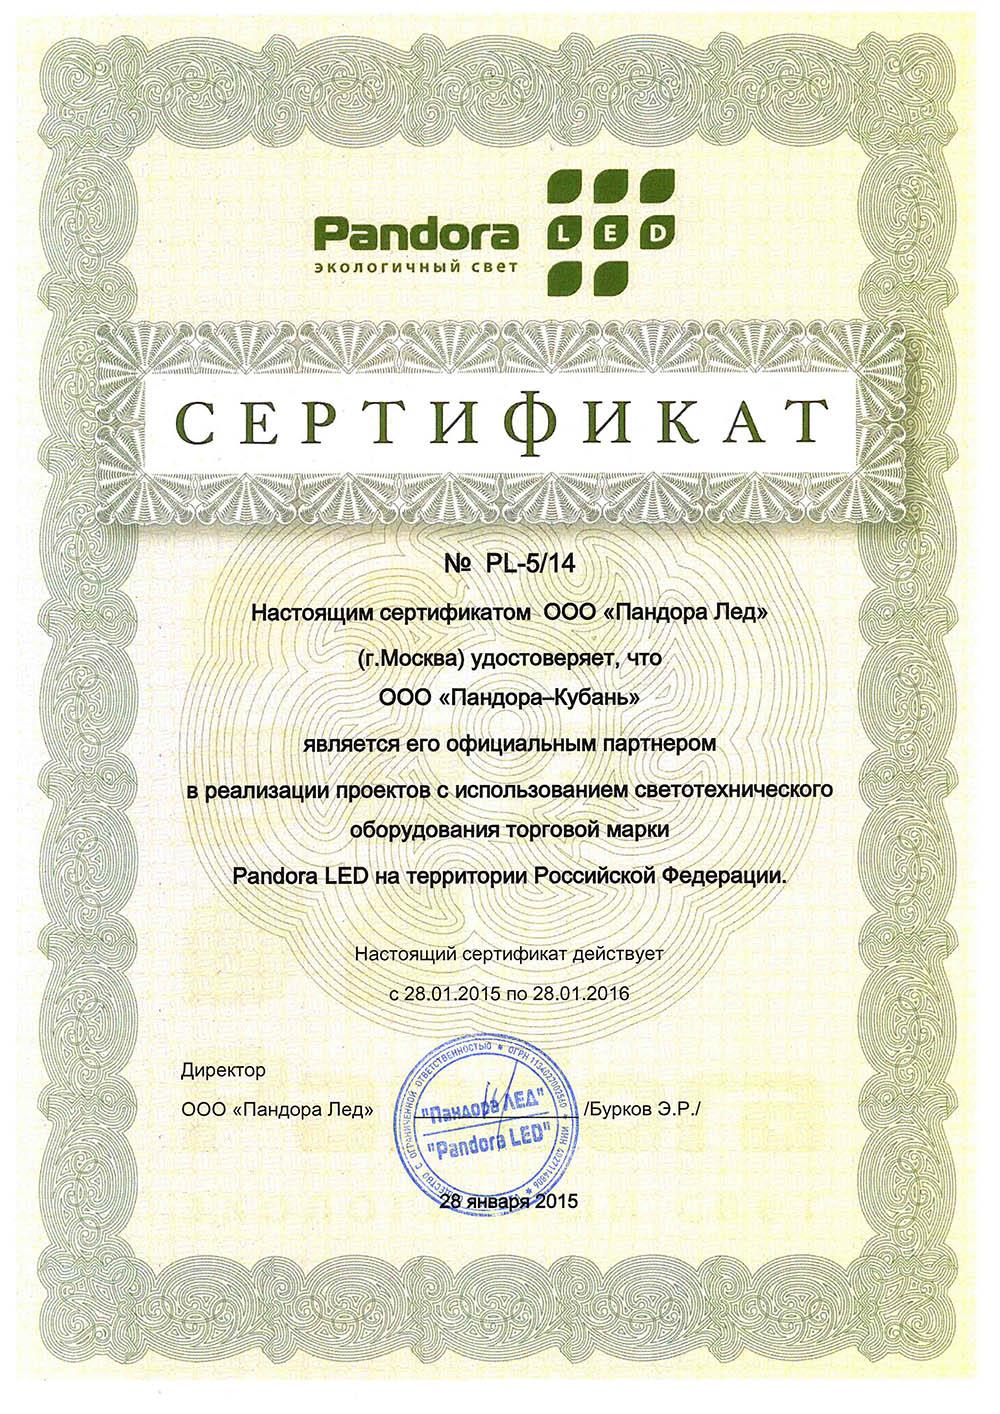 sertifikat-pandora-led